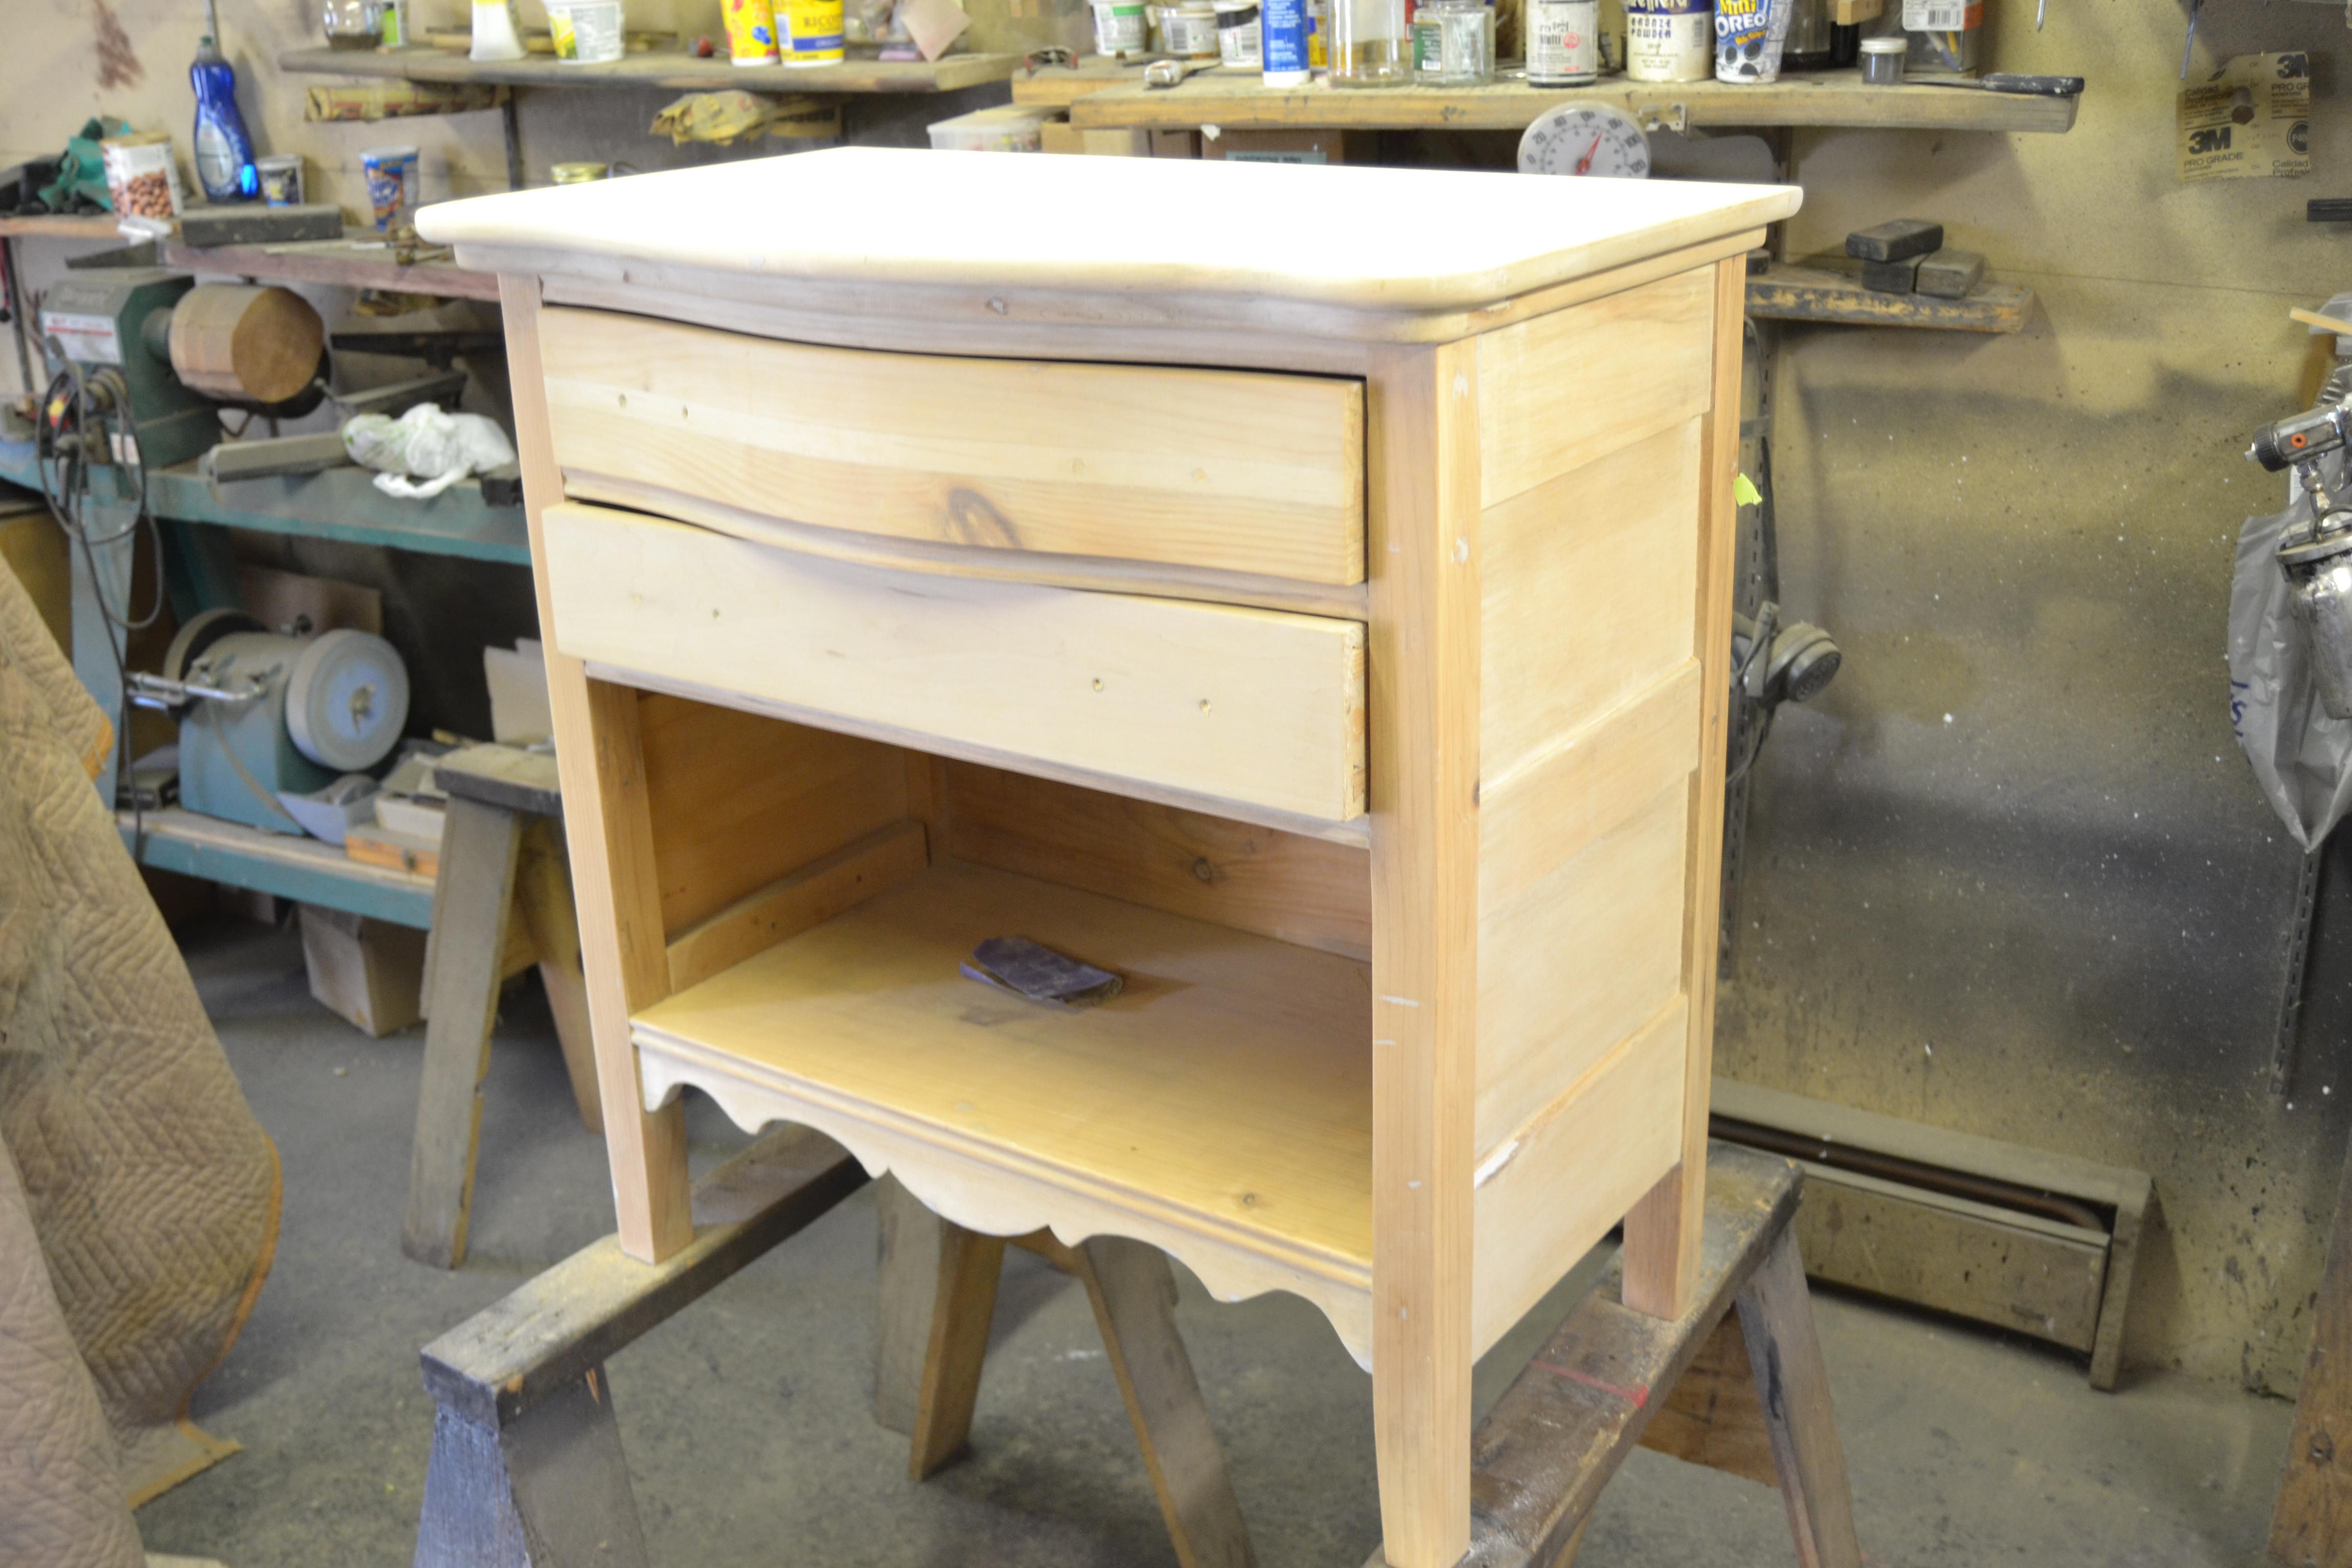 Contact furniture repair guy for Furniture repair